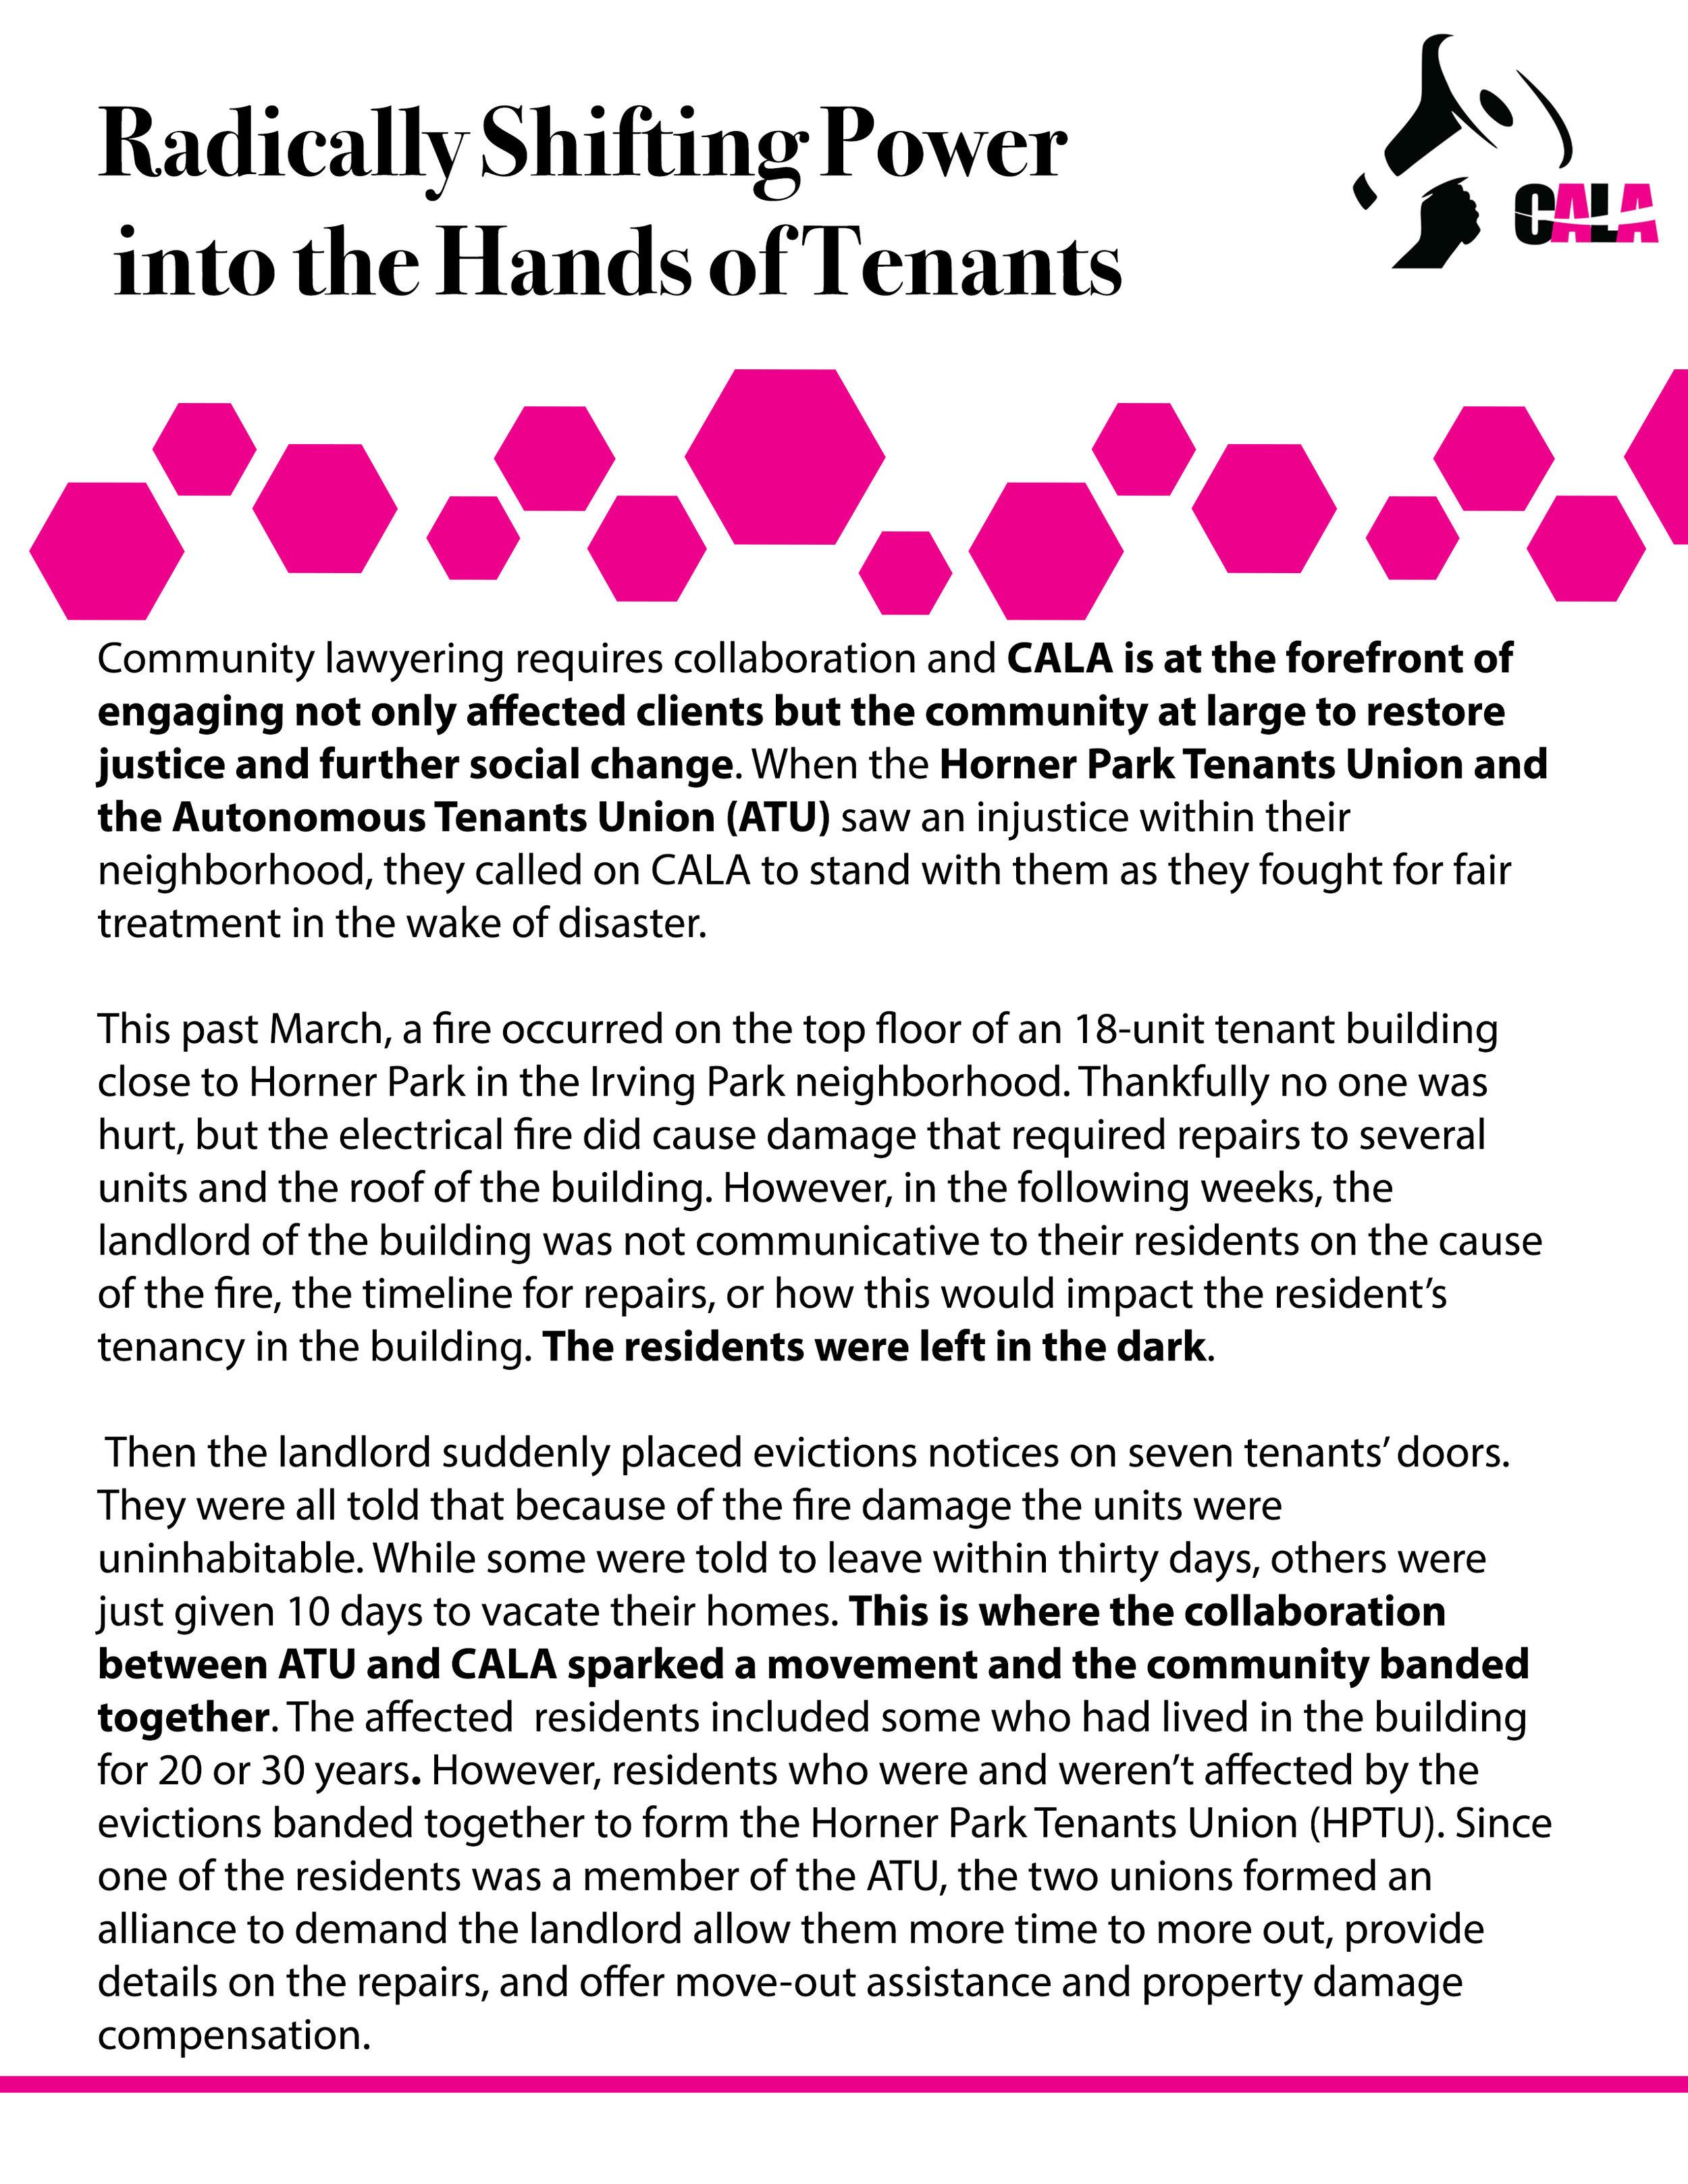 HPTU- Page 1 (1).jpg